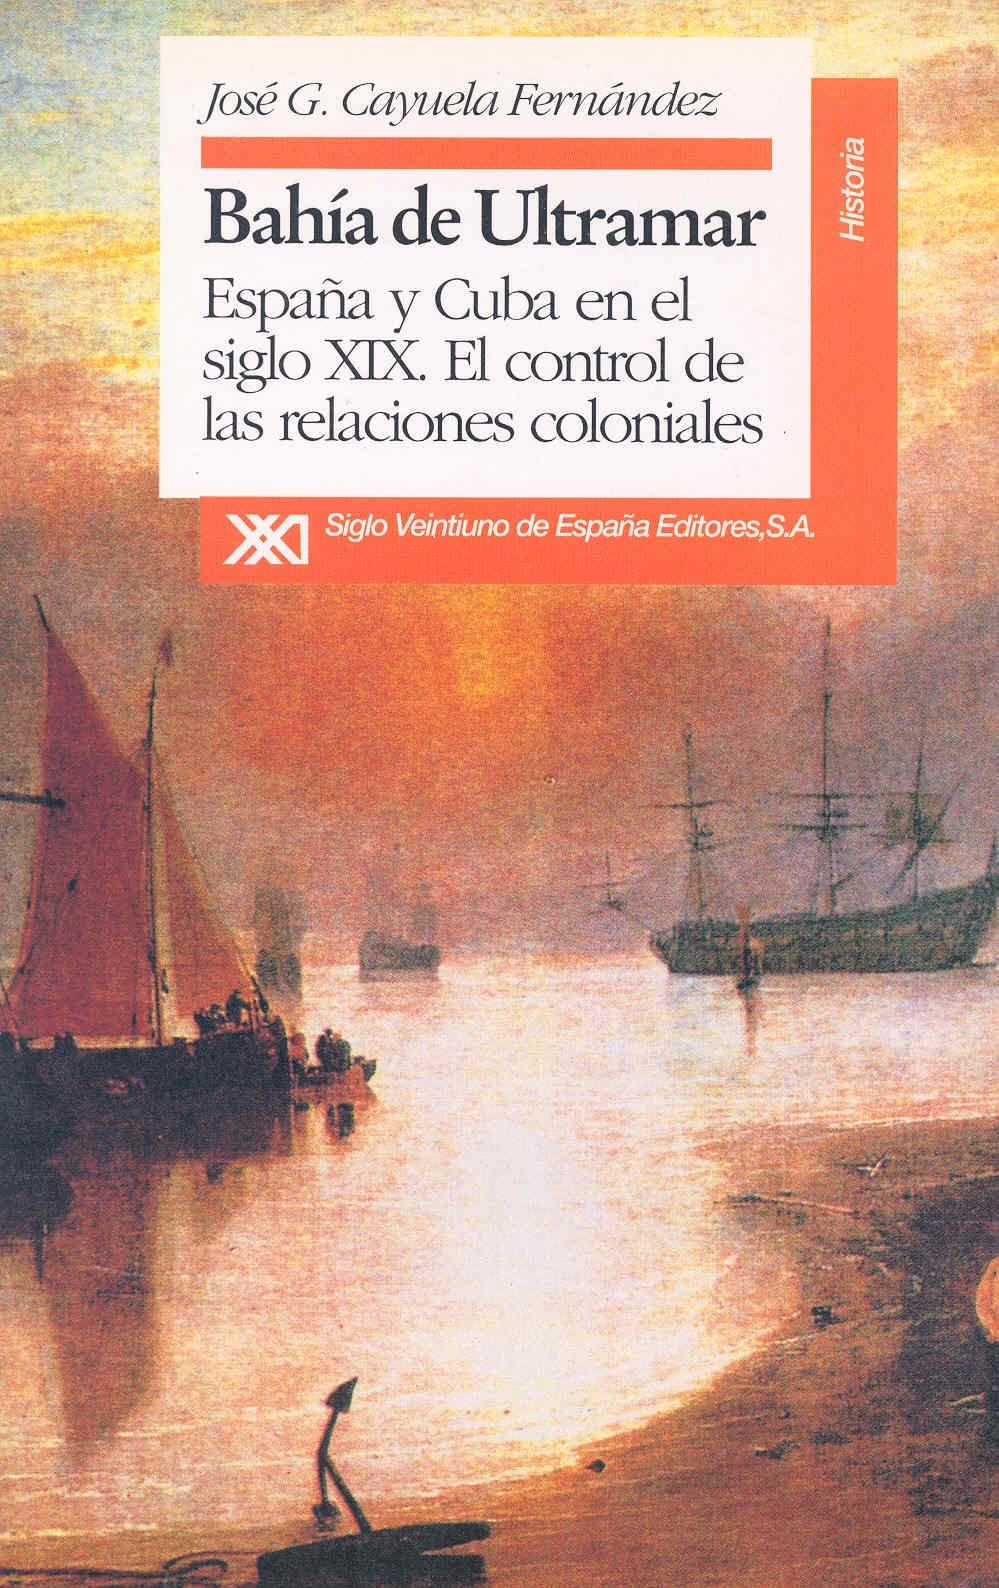 Bahía de ultramar: España y Cuba en el siglo XIX : el control de las relaciones coloniales Historia: Amazon.es: José G. Cayuela Fernández, Pedro Arjona: ...